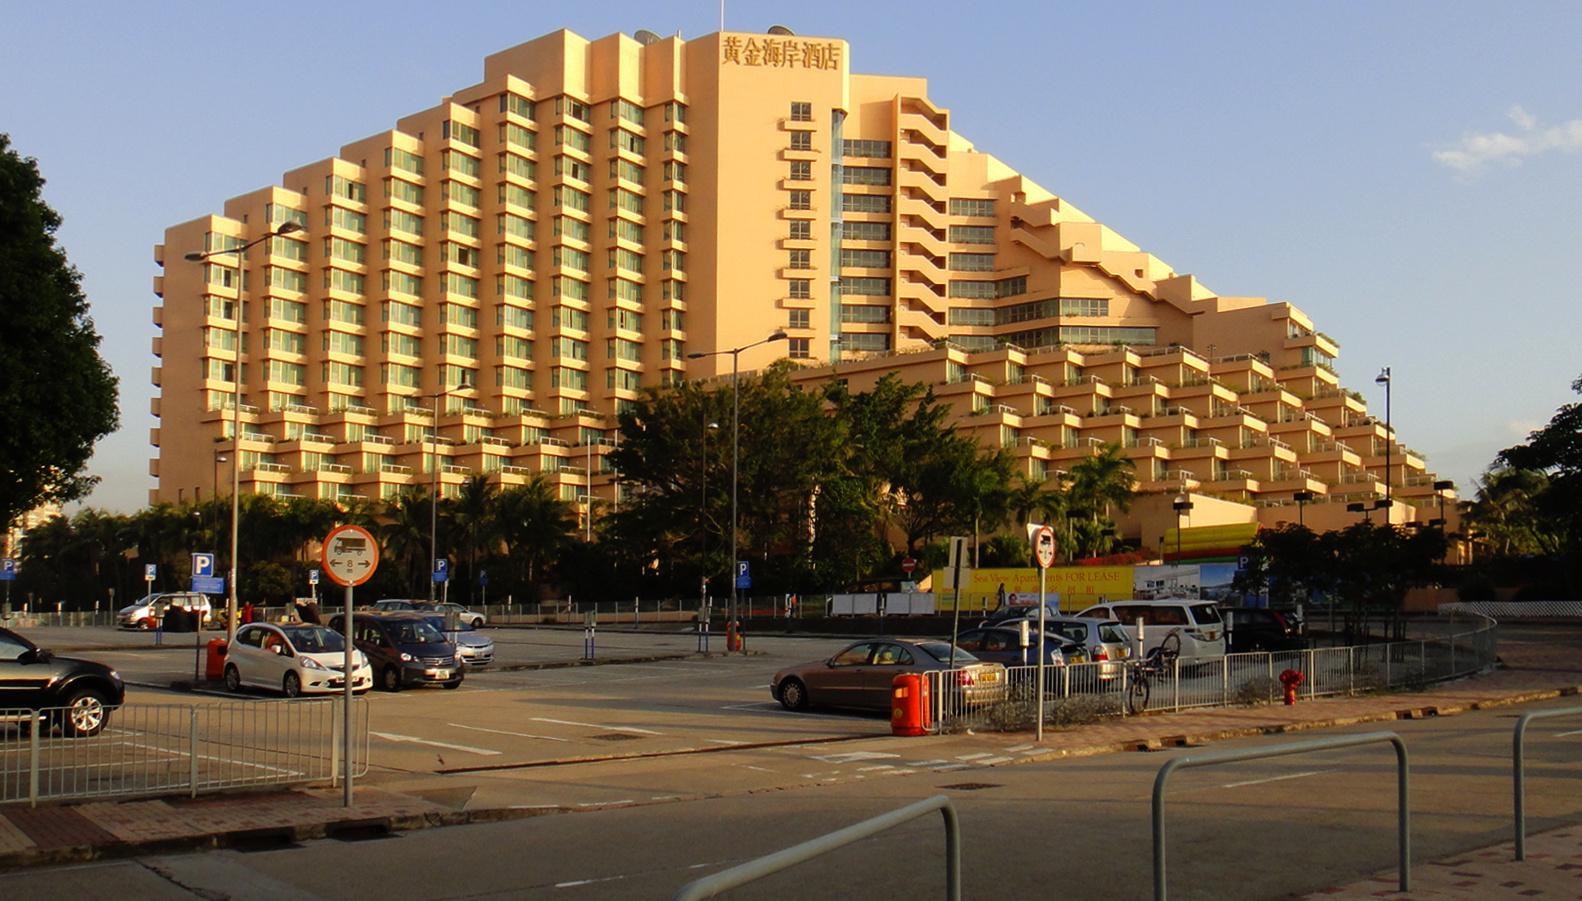 Hong Kong Hotel Rooms